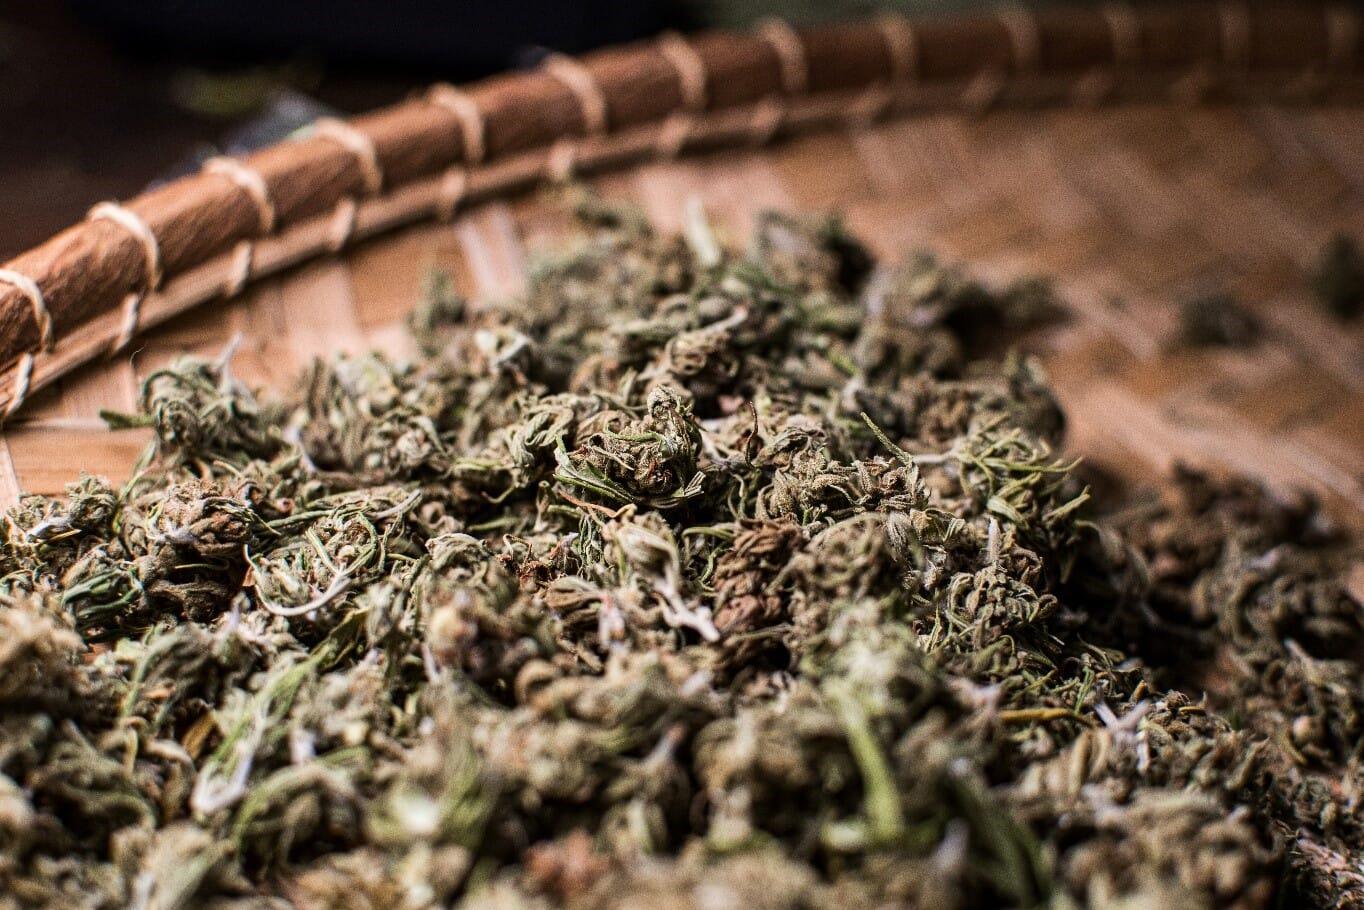 Dried Cannabis